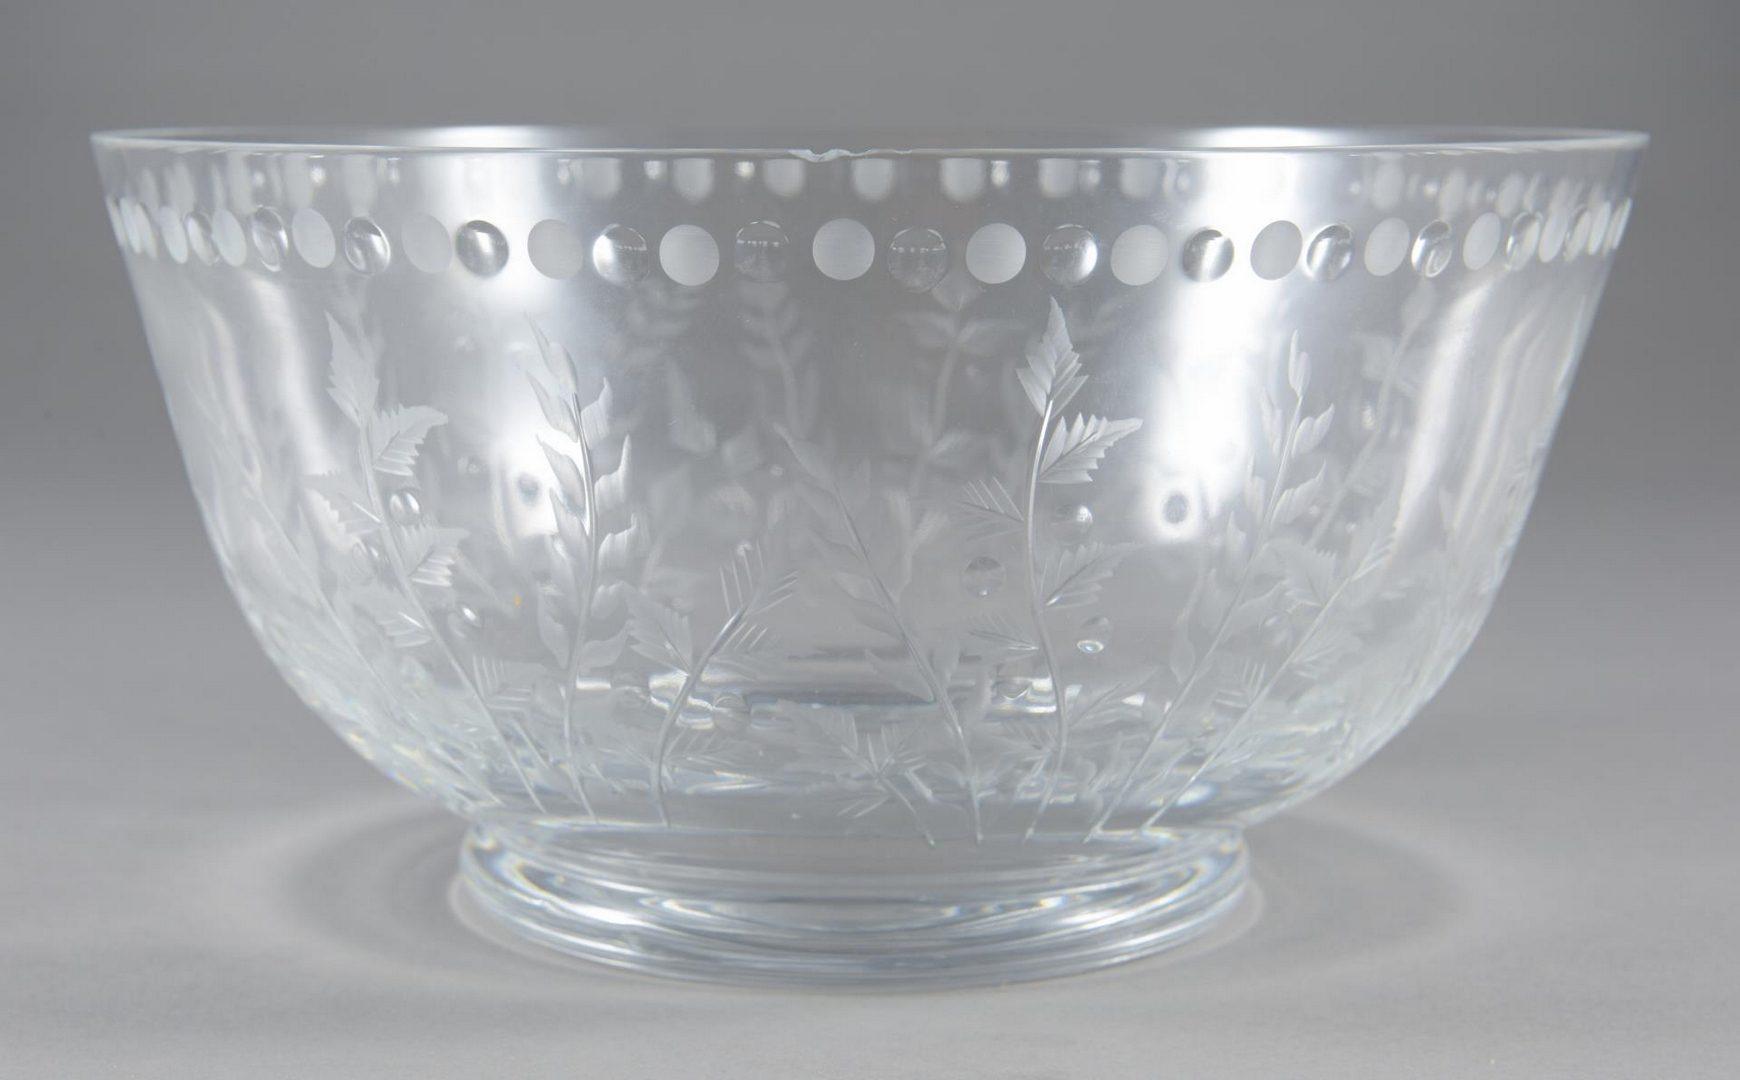 """Lot 8: William Yeoward """"Fern"""" Jug Pitcher & 2 Centrepiece Bowls"""